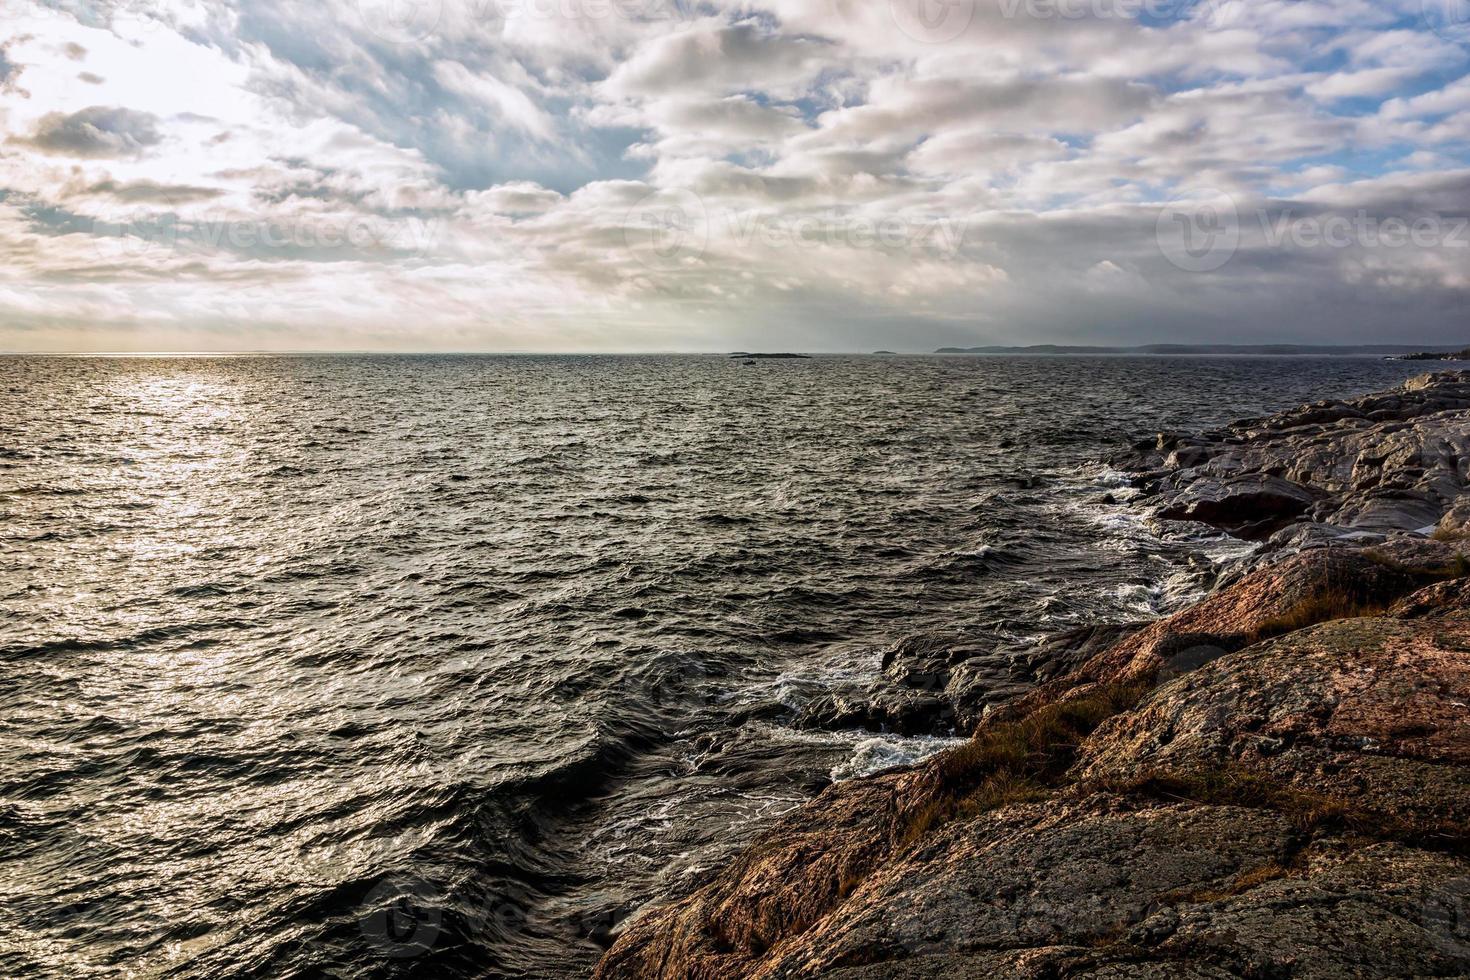 vue sur l'océan photo